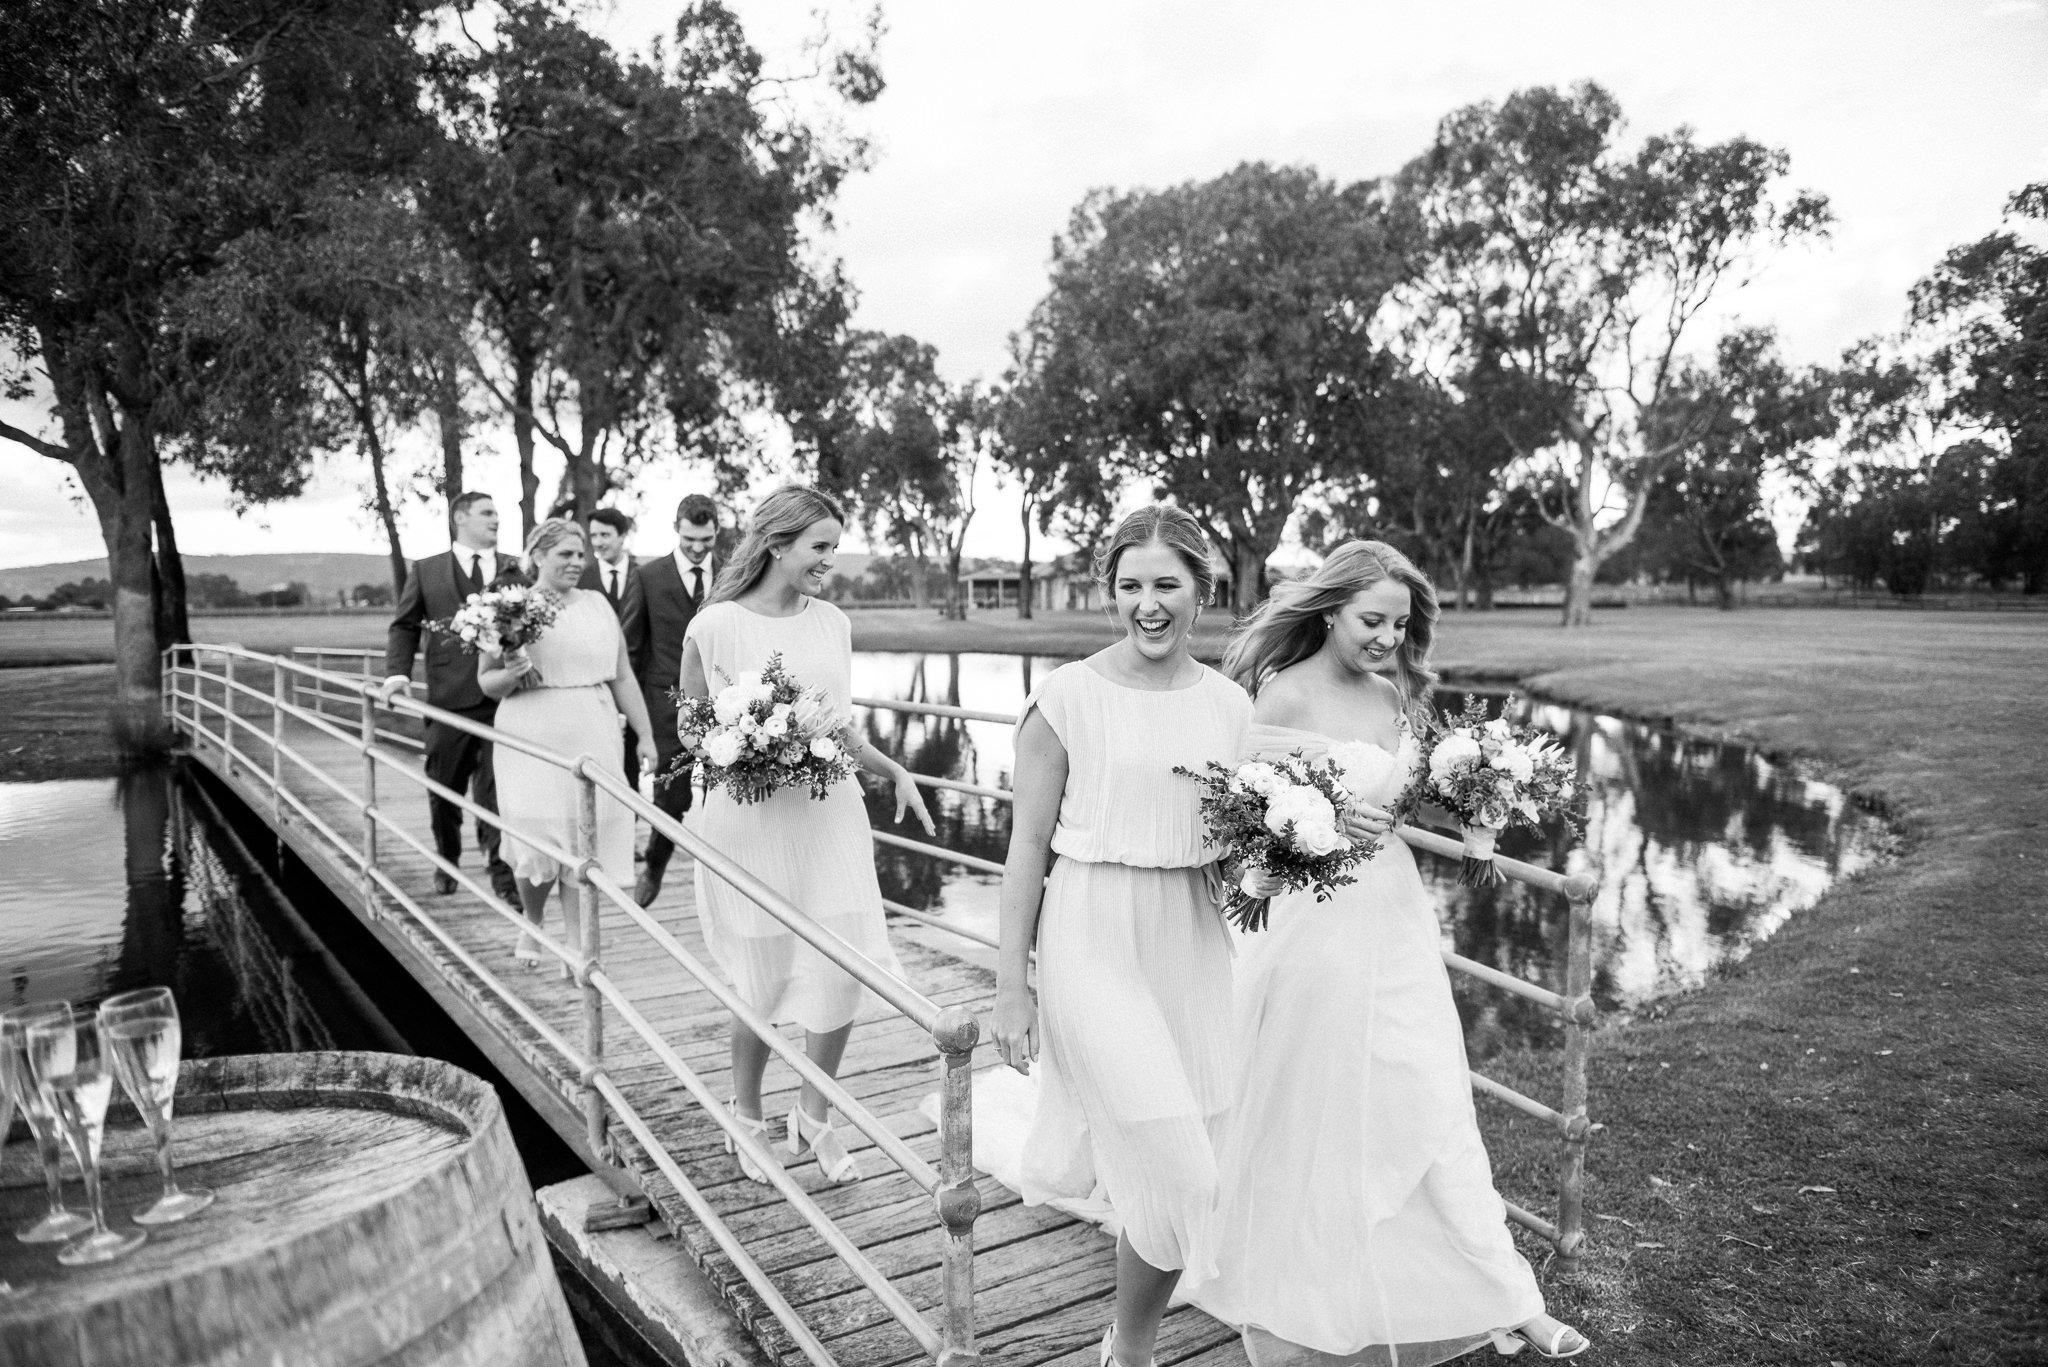 bridal party crossing a bridge